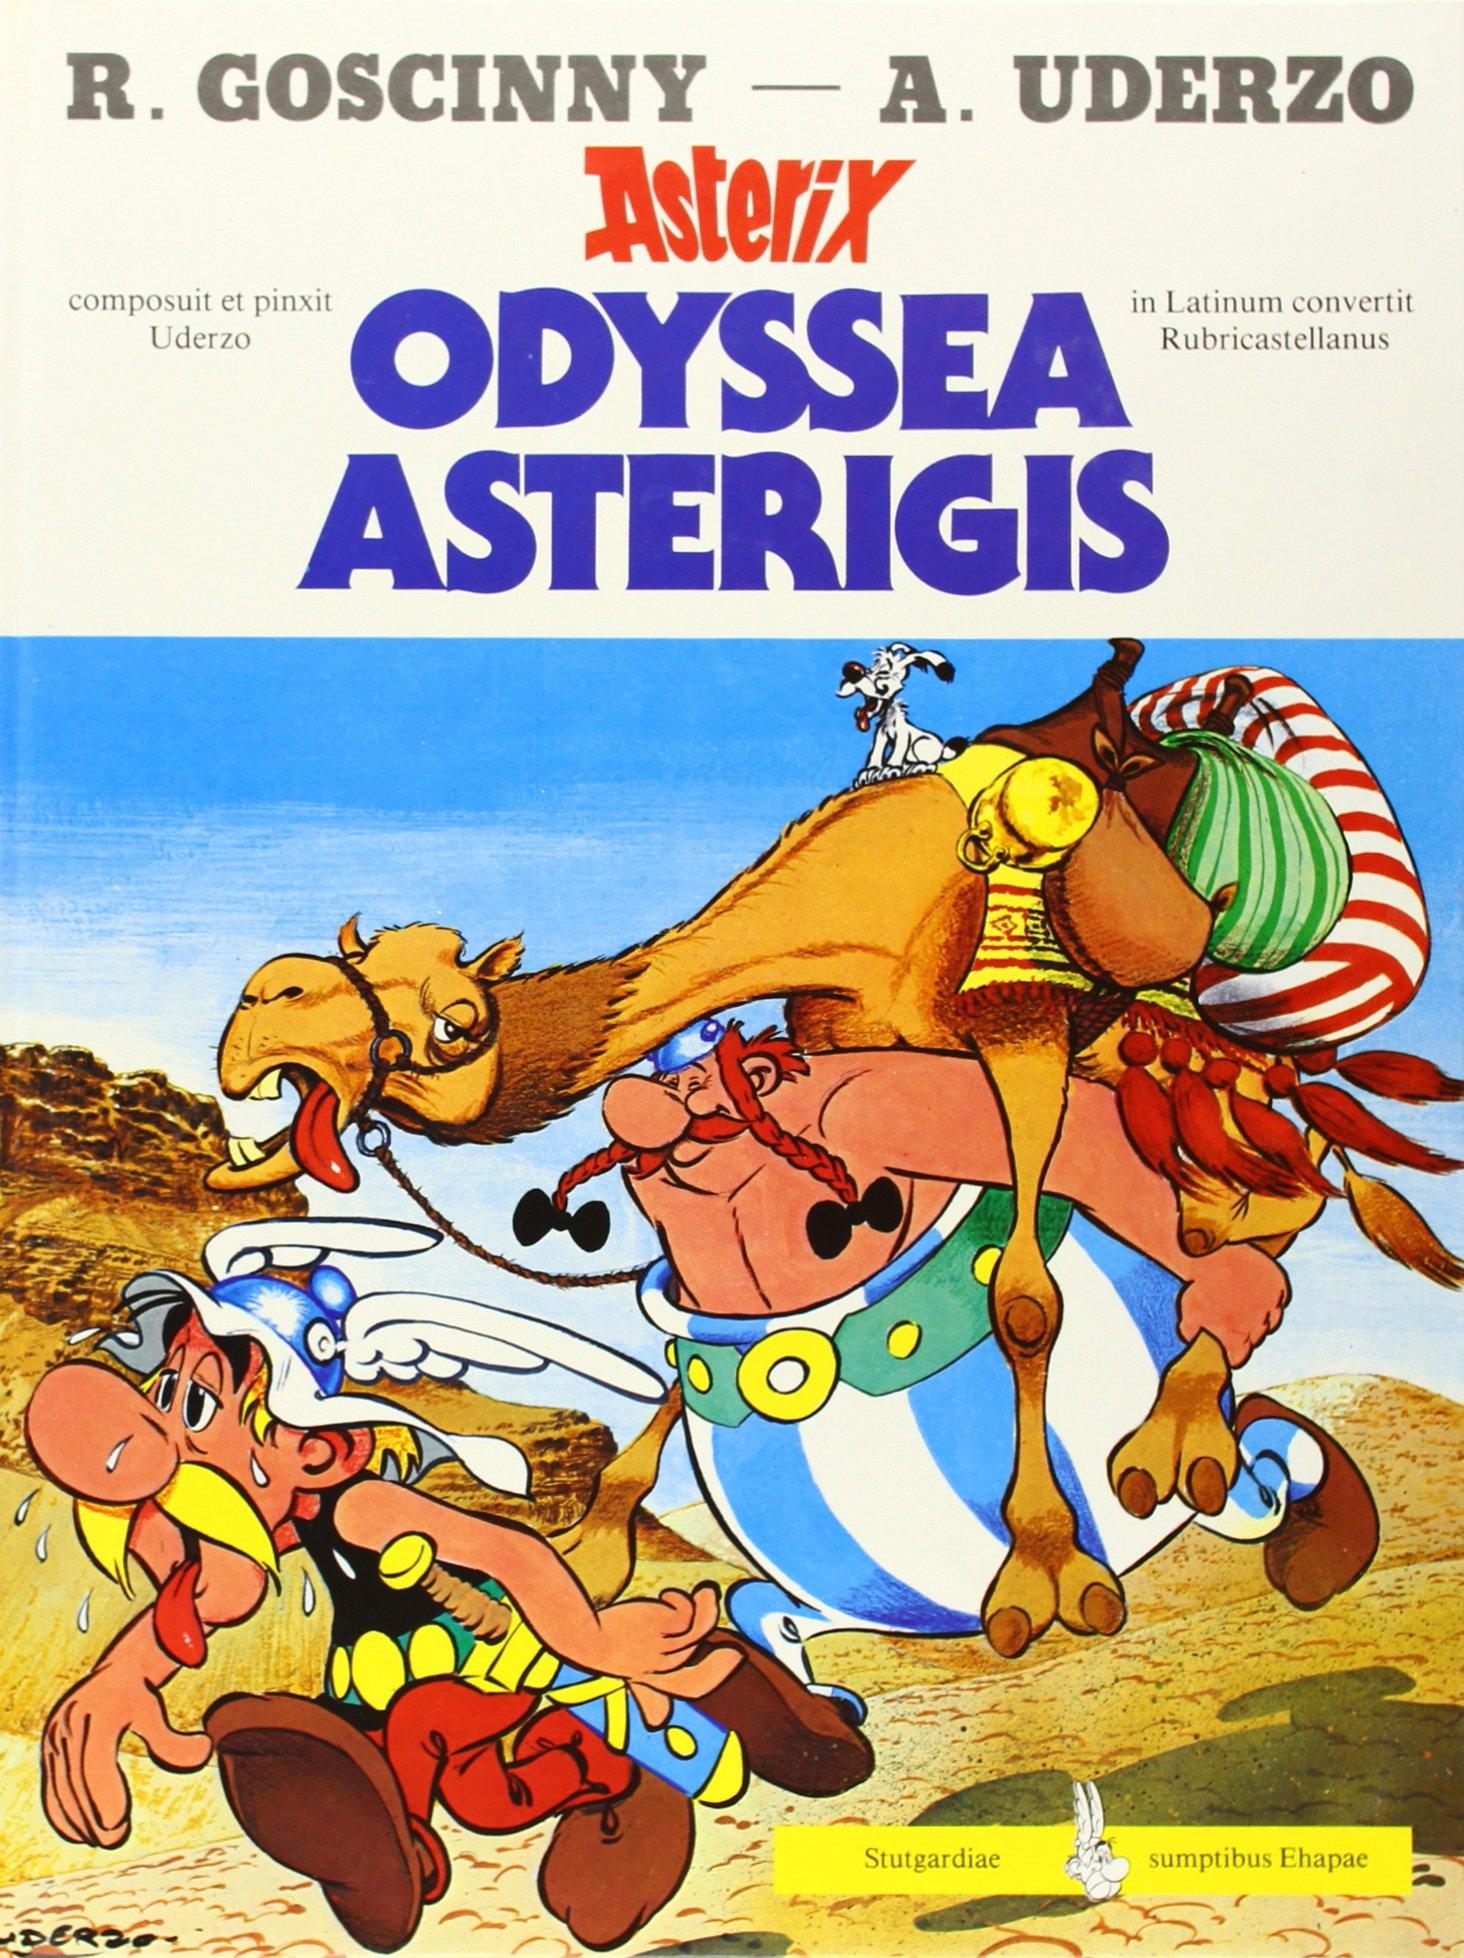 Asterix - Lateinisch: Asterix latein 10: Odyssea Asterigis